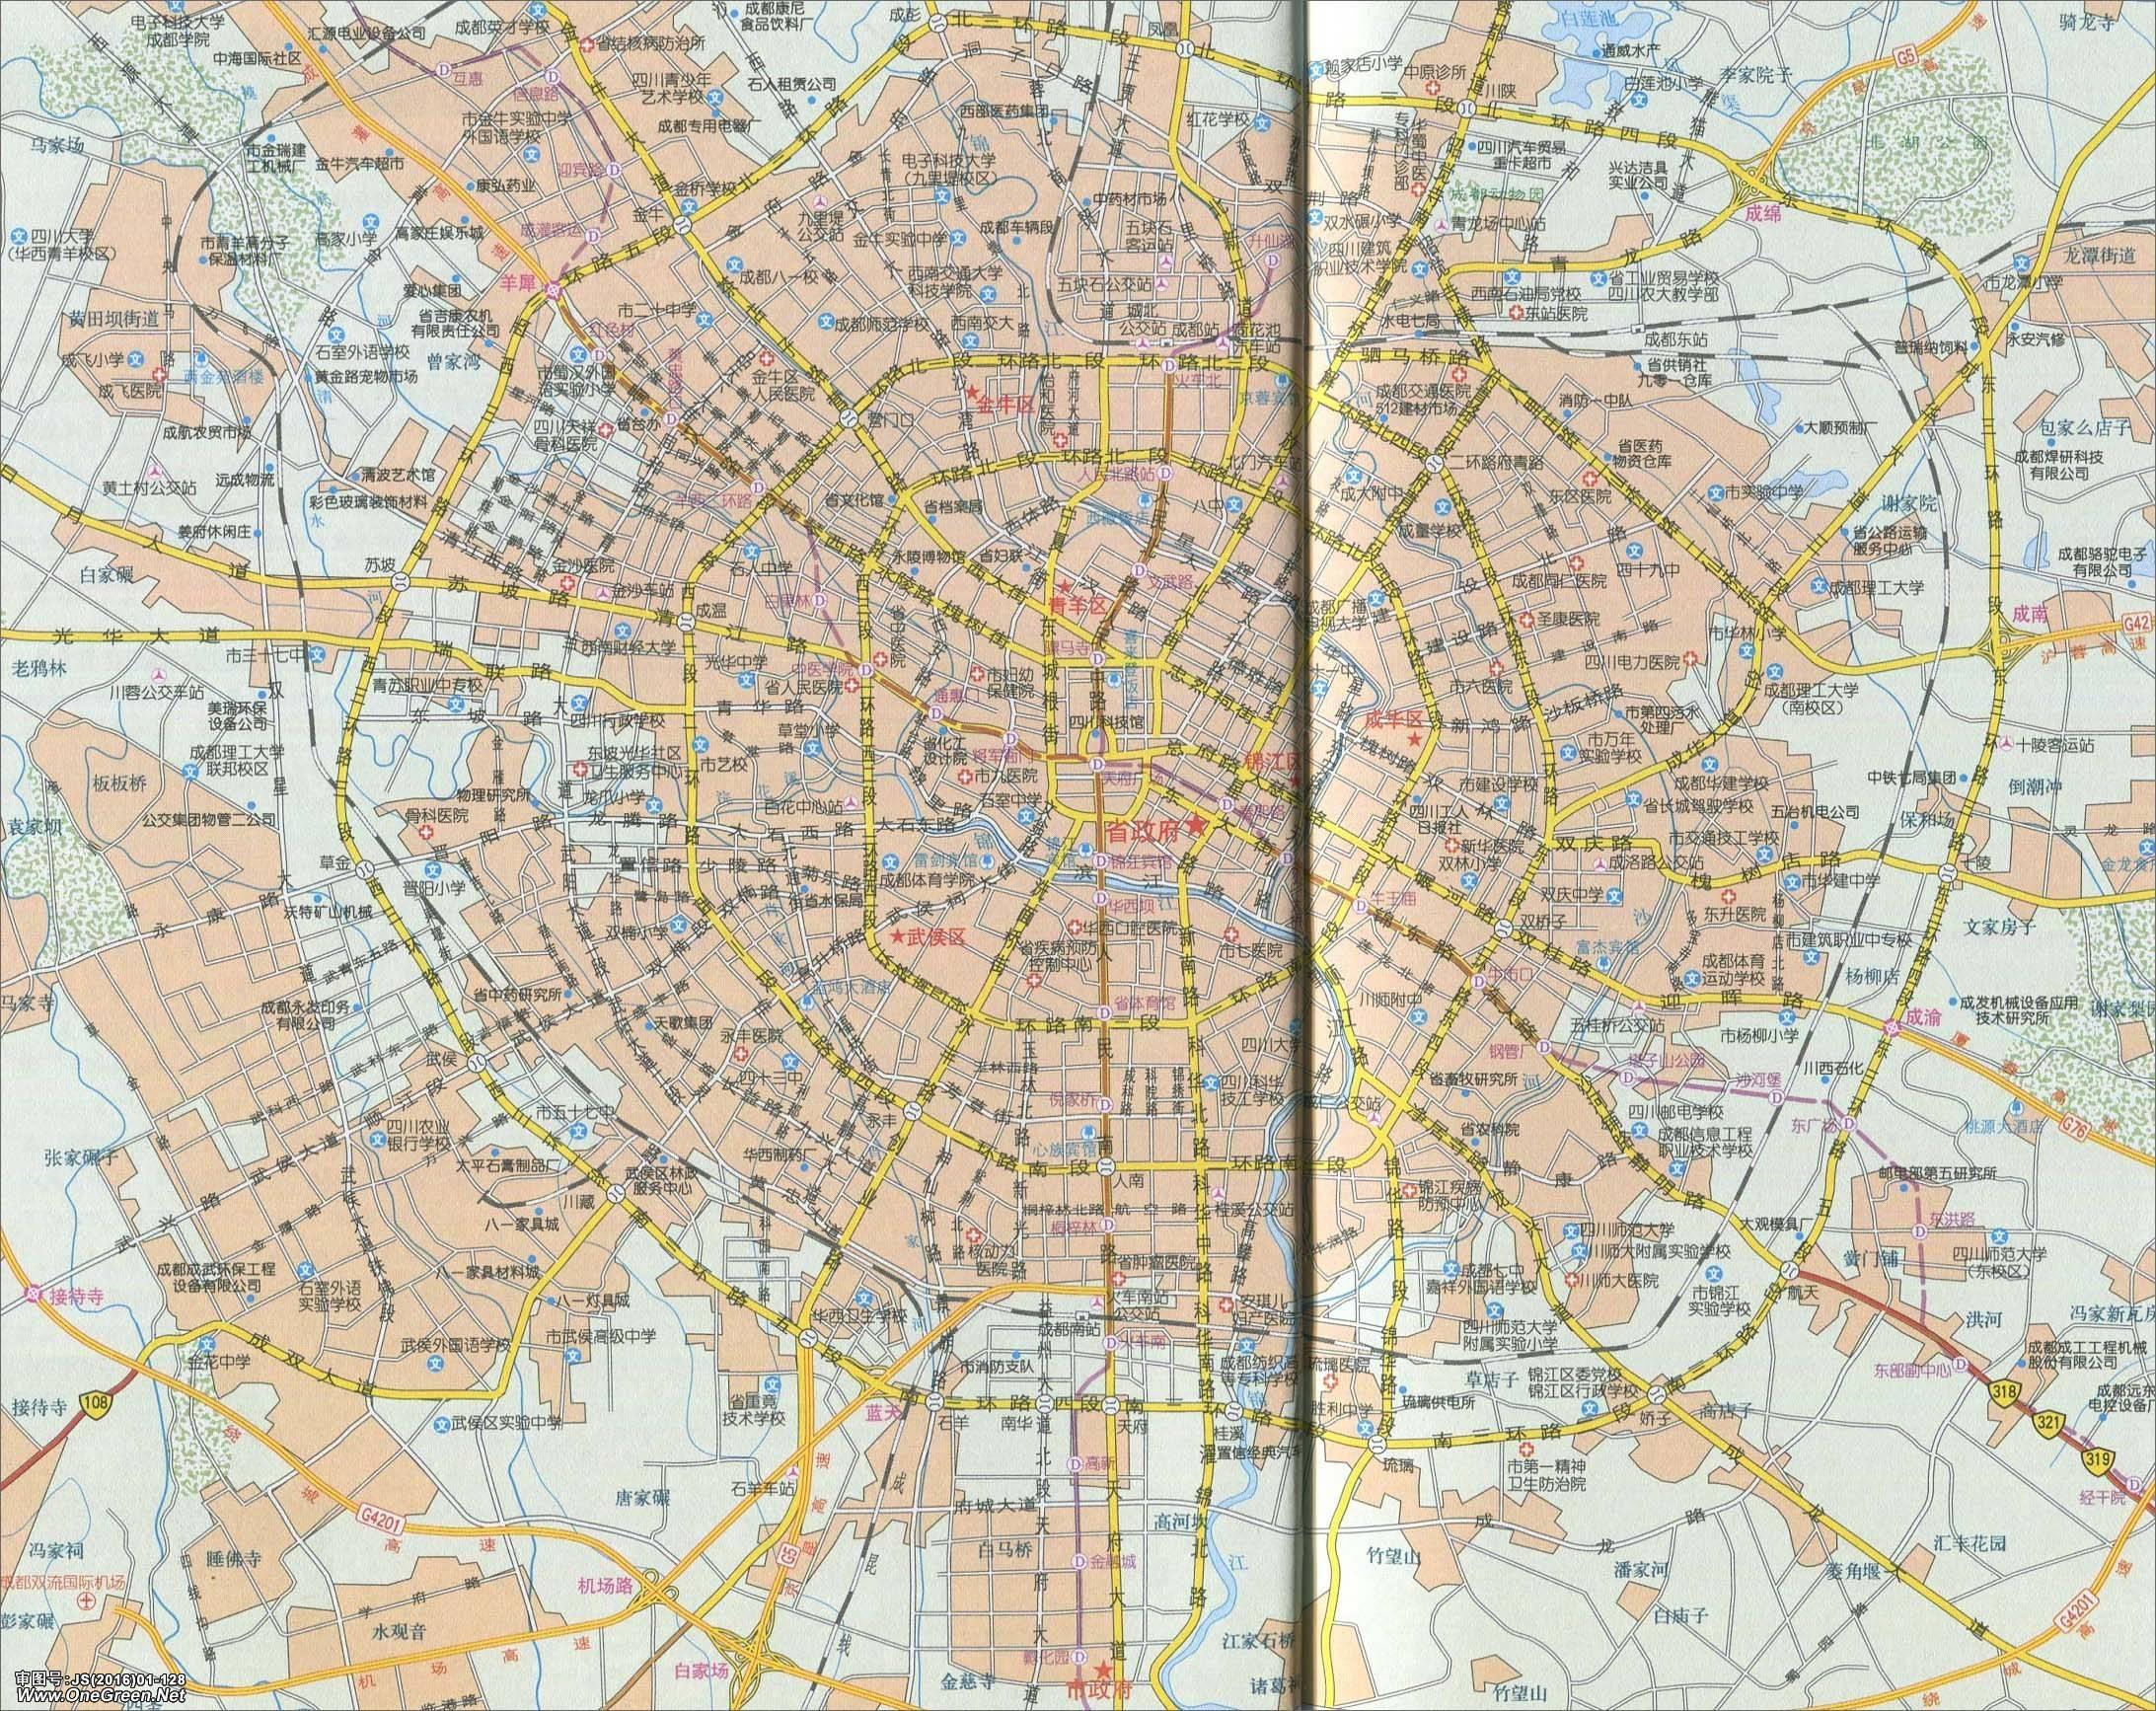 成都市地图_成都城区地图_成都地图库_地图窝